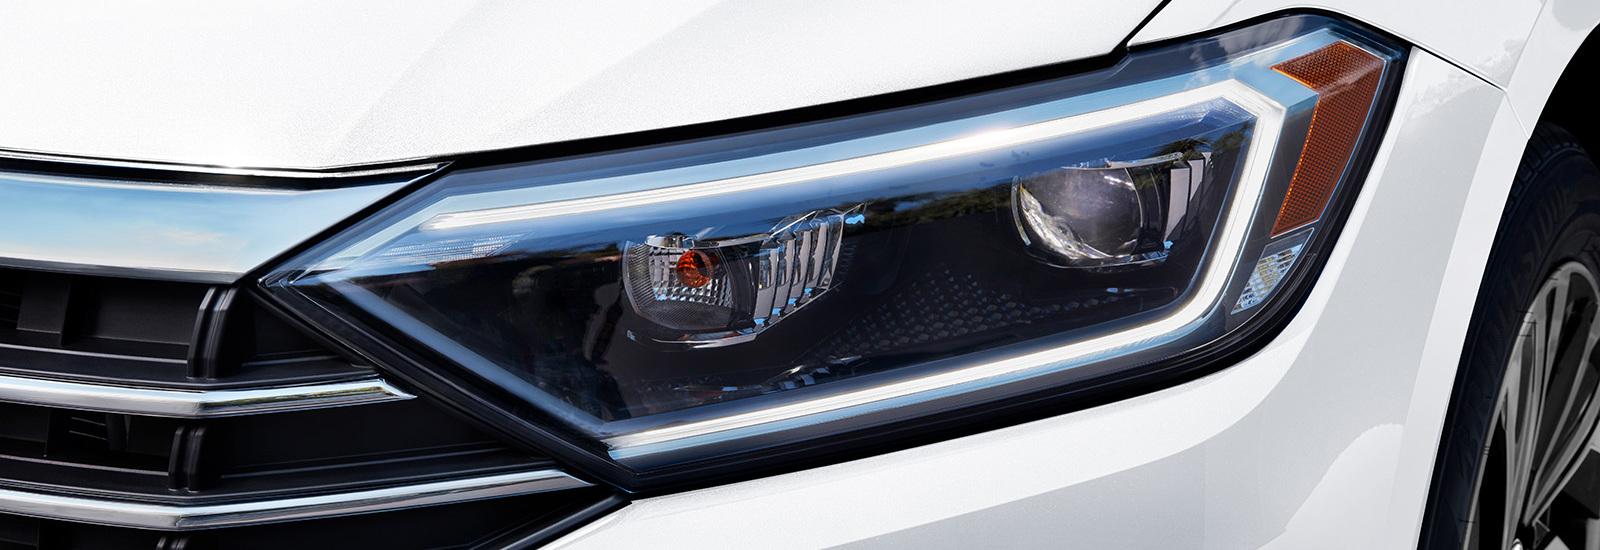 Las luces delanteras LED le suman elegancia al exterior.